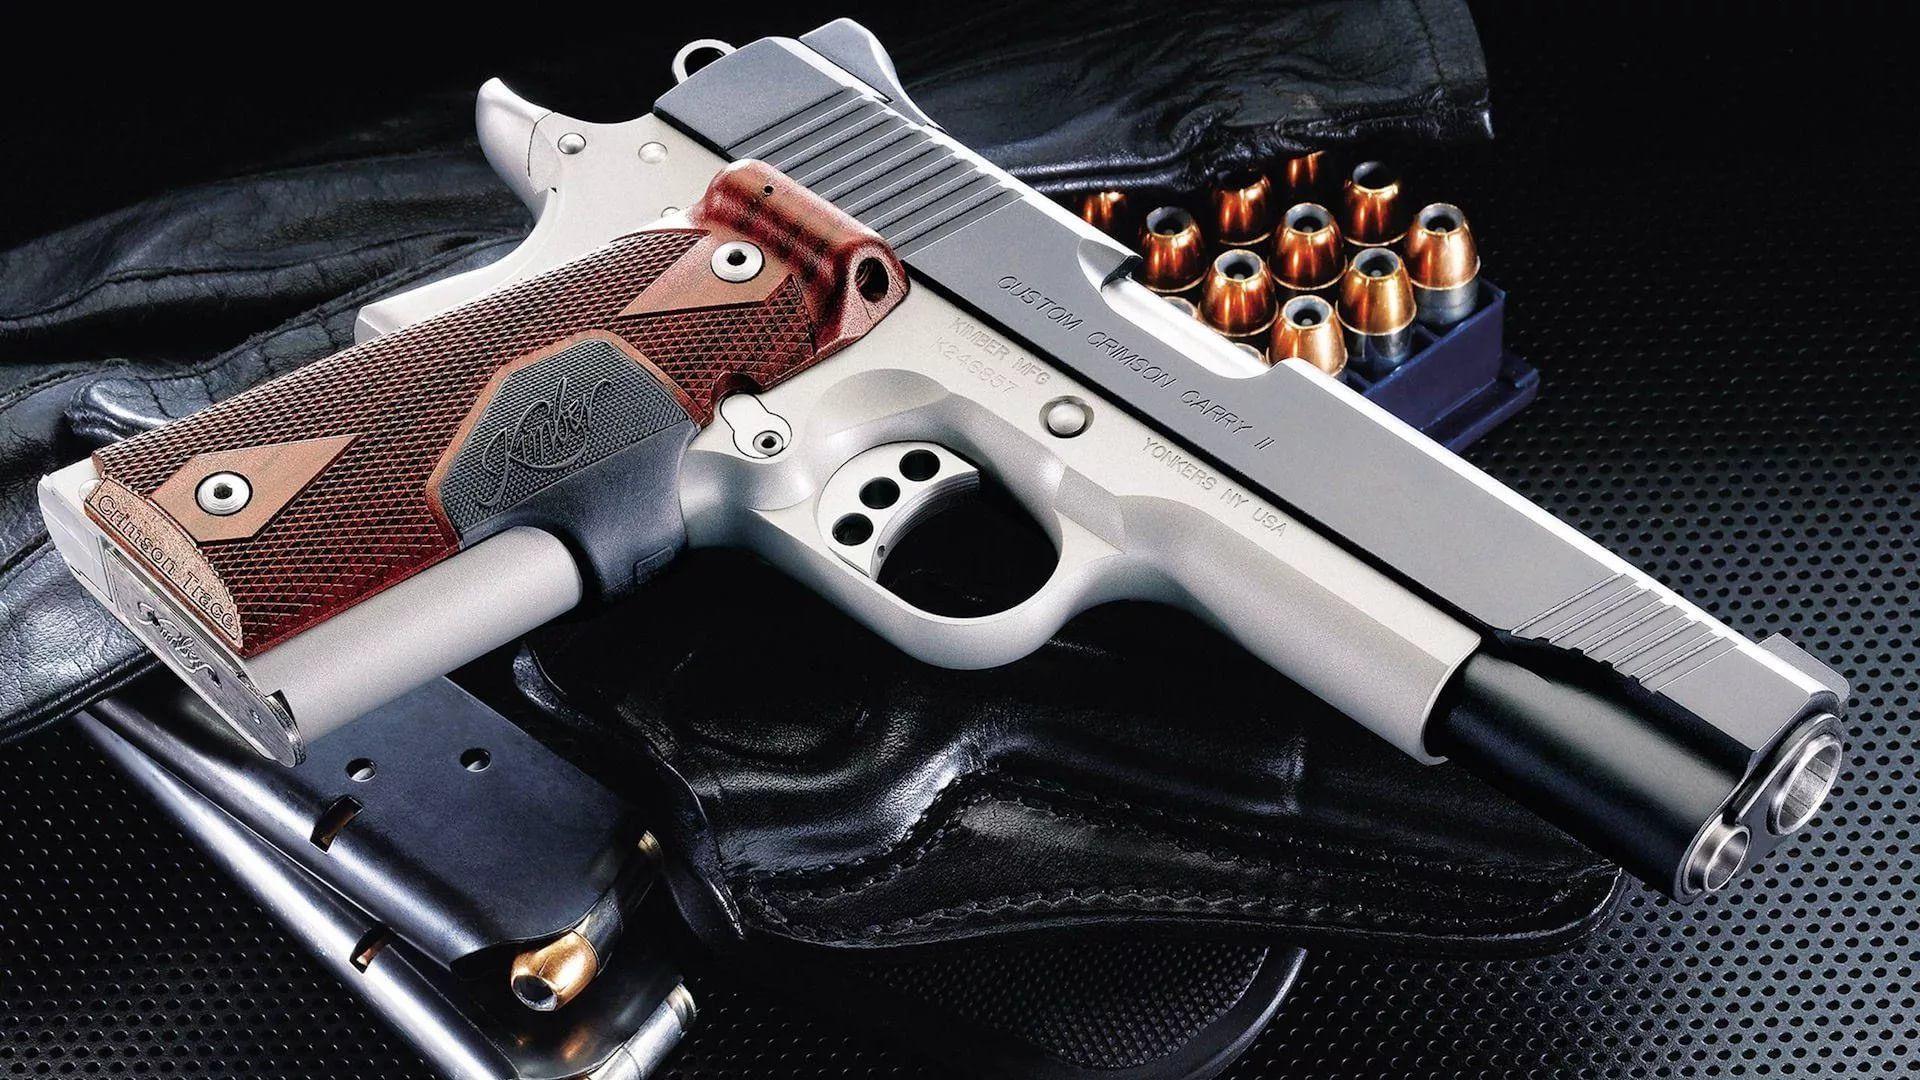 Gun For Desktop full hd wallpaper for laptop